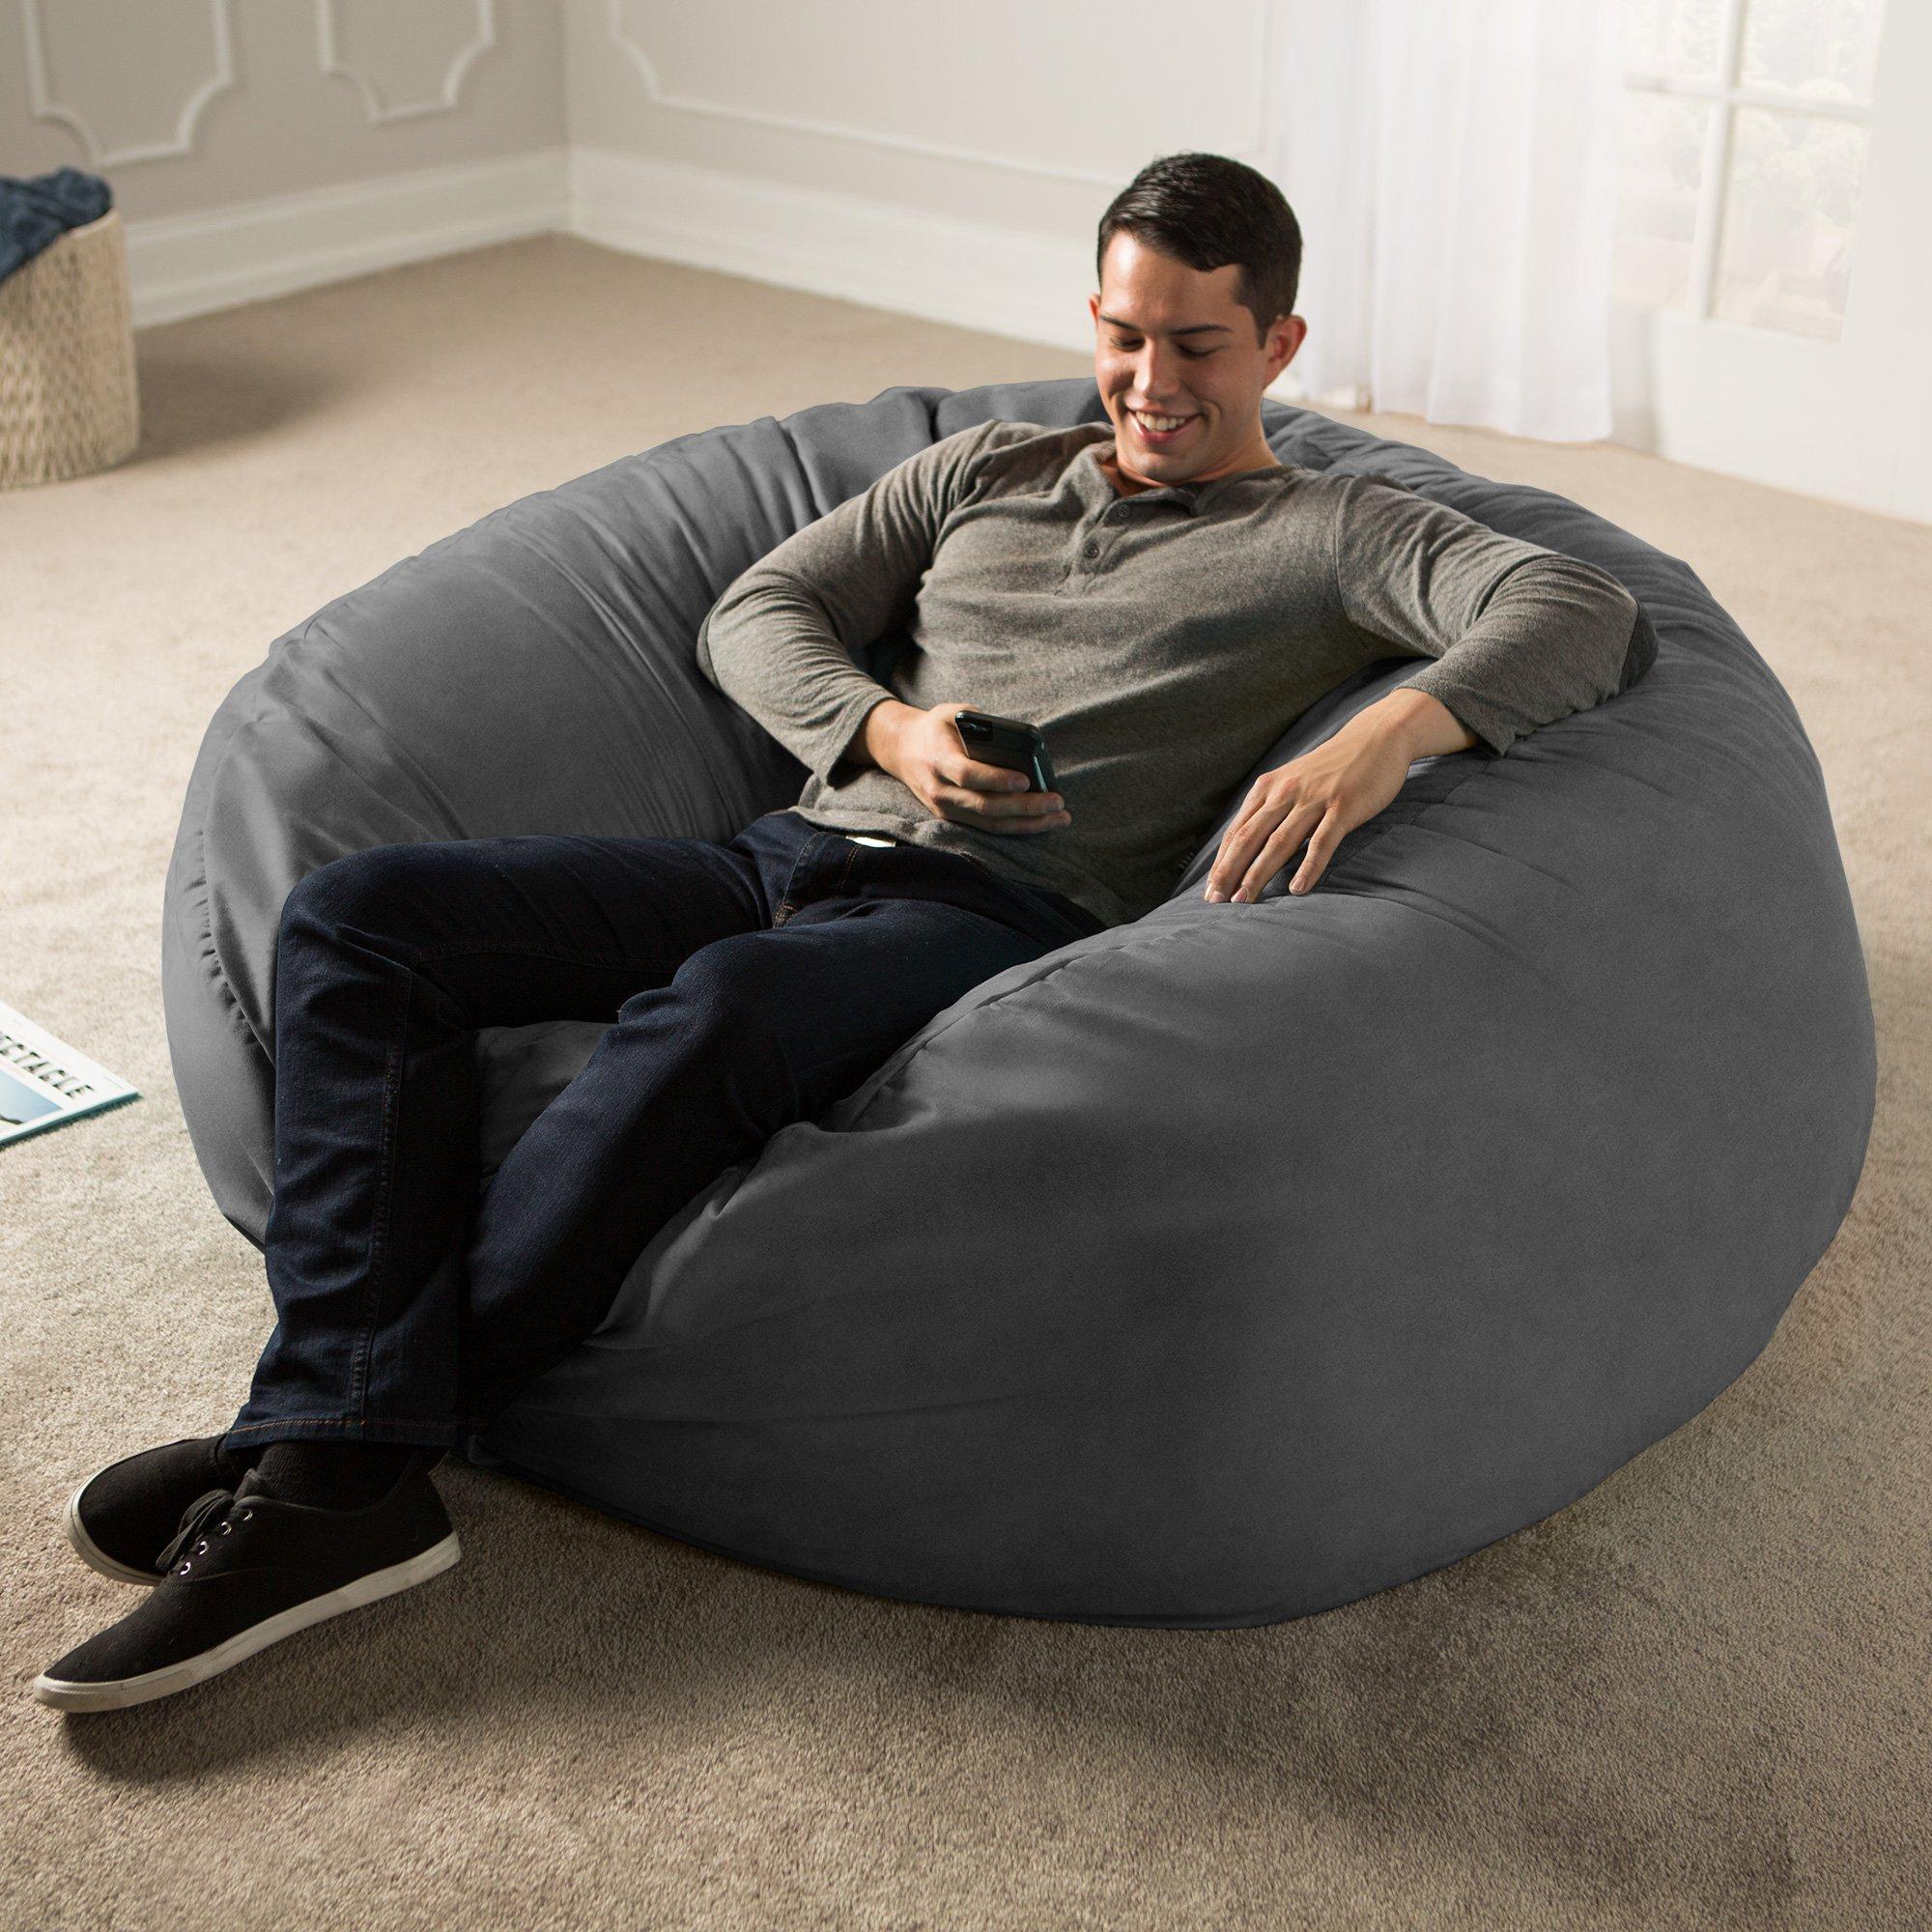 Jaxx 5 Foot Saxx - Big Bean Bag Chair for Adults, Charcoal by Jaxx